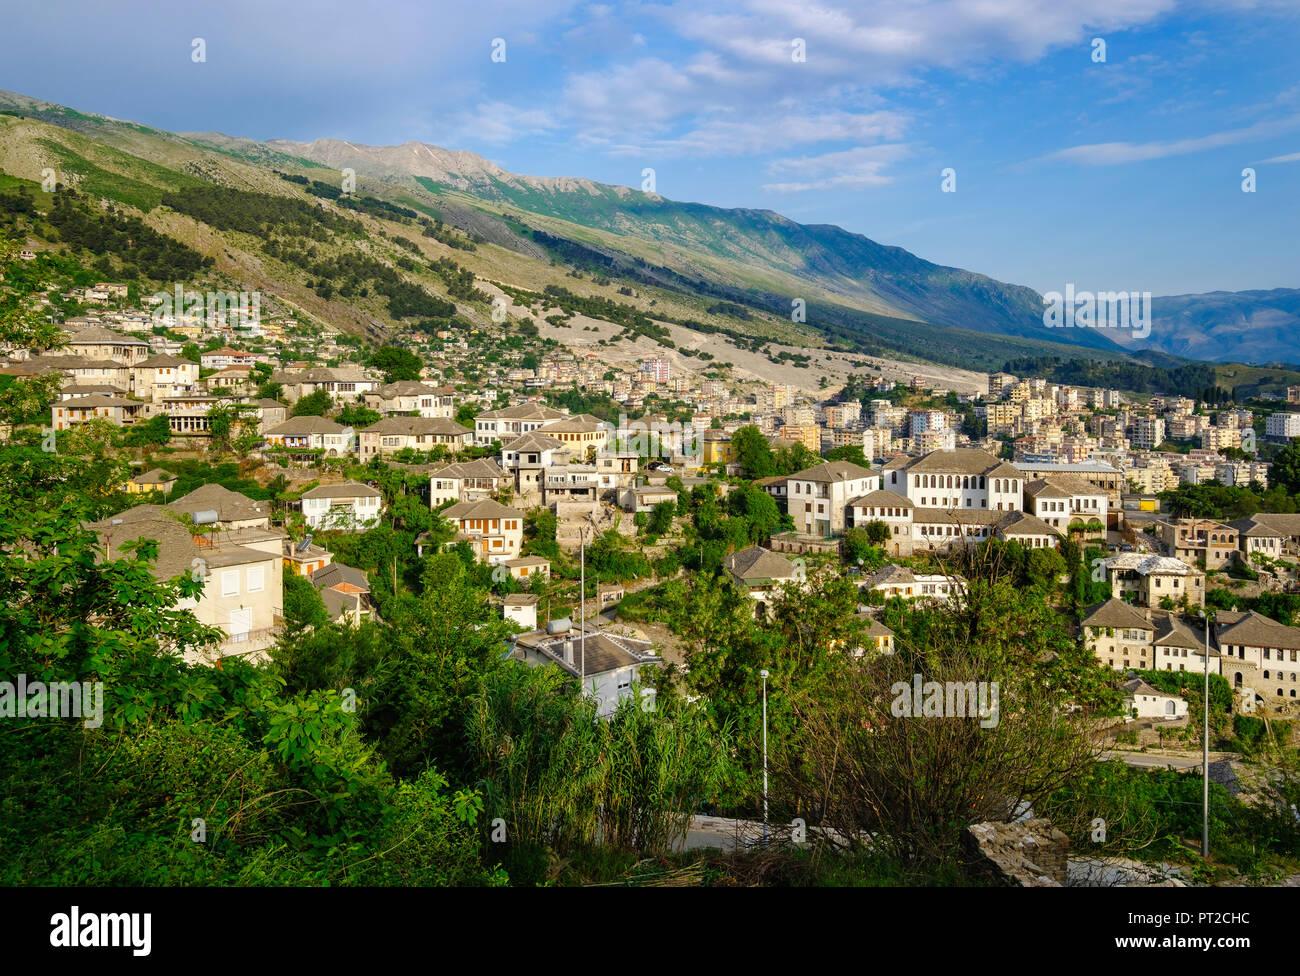 Albanien, Gjirokaster, Stadtblick und Mali i Gjere Berge Stockbild